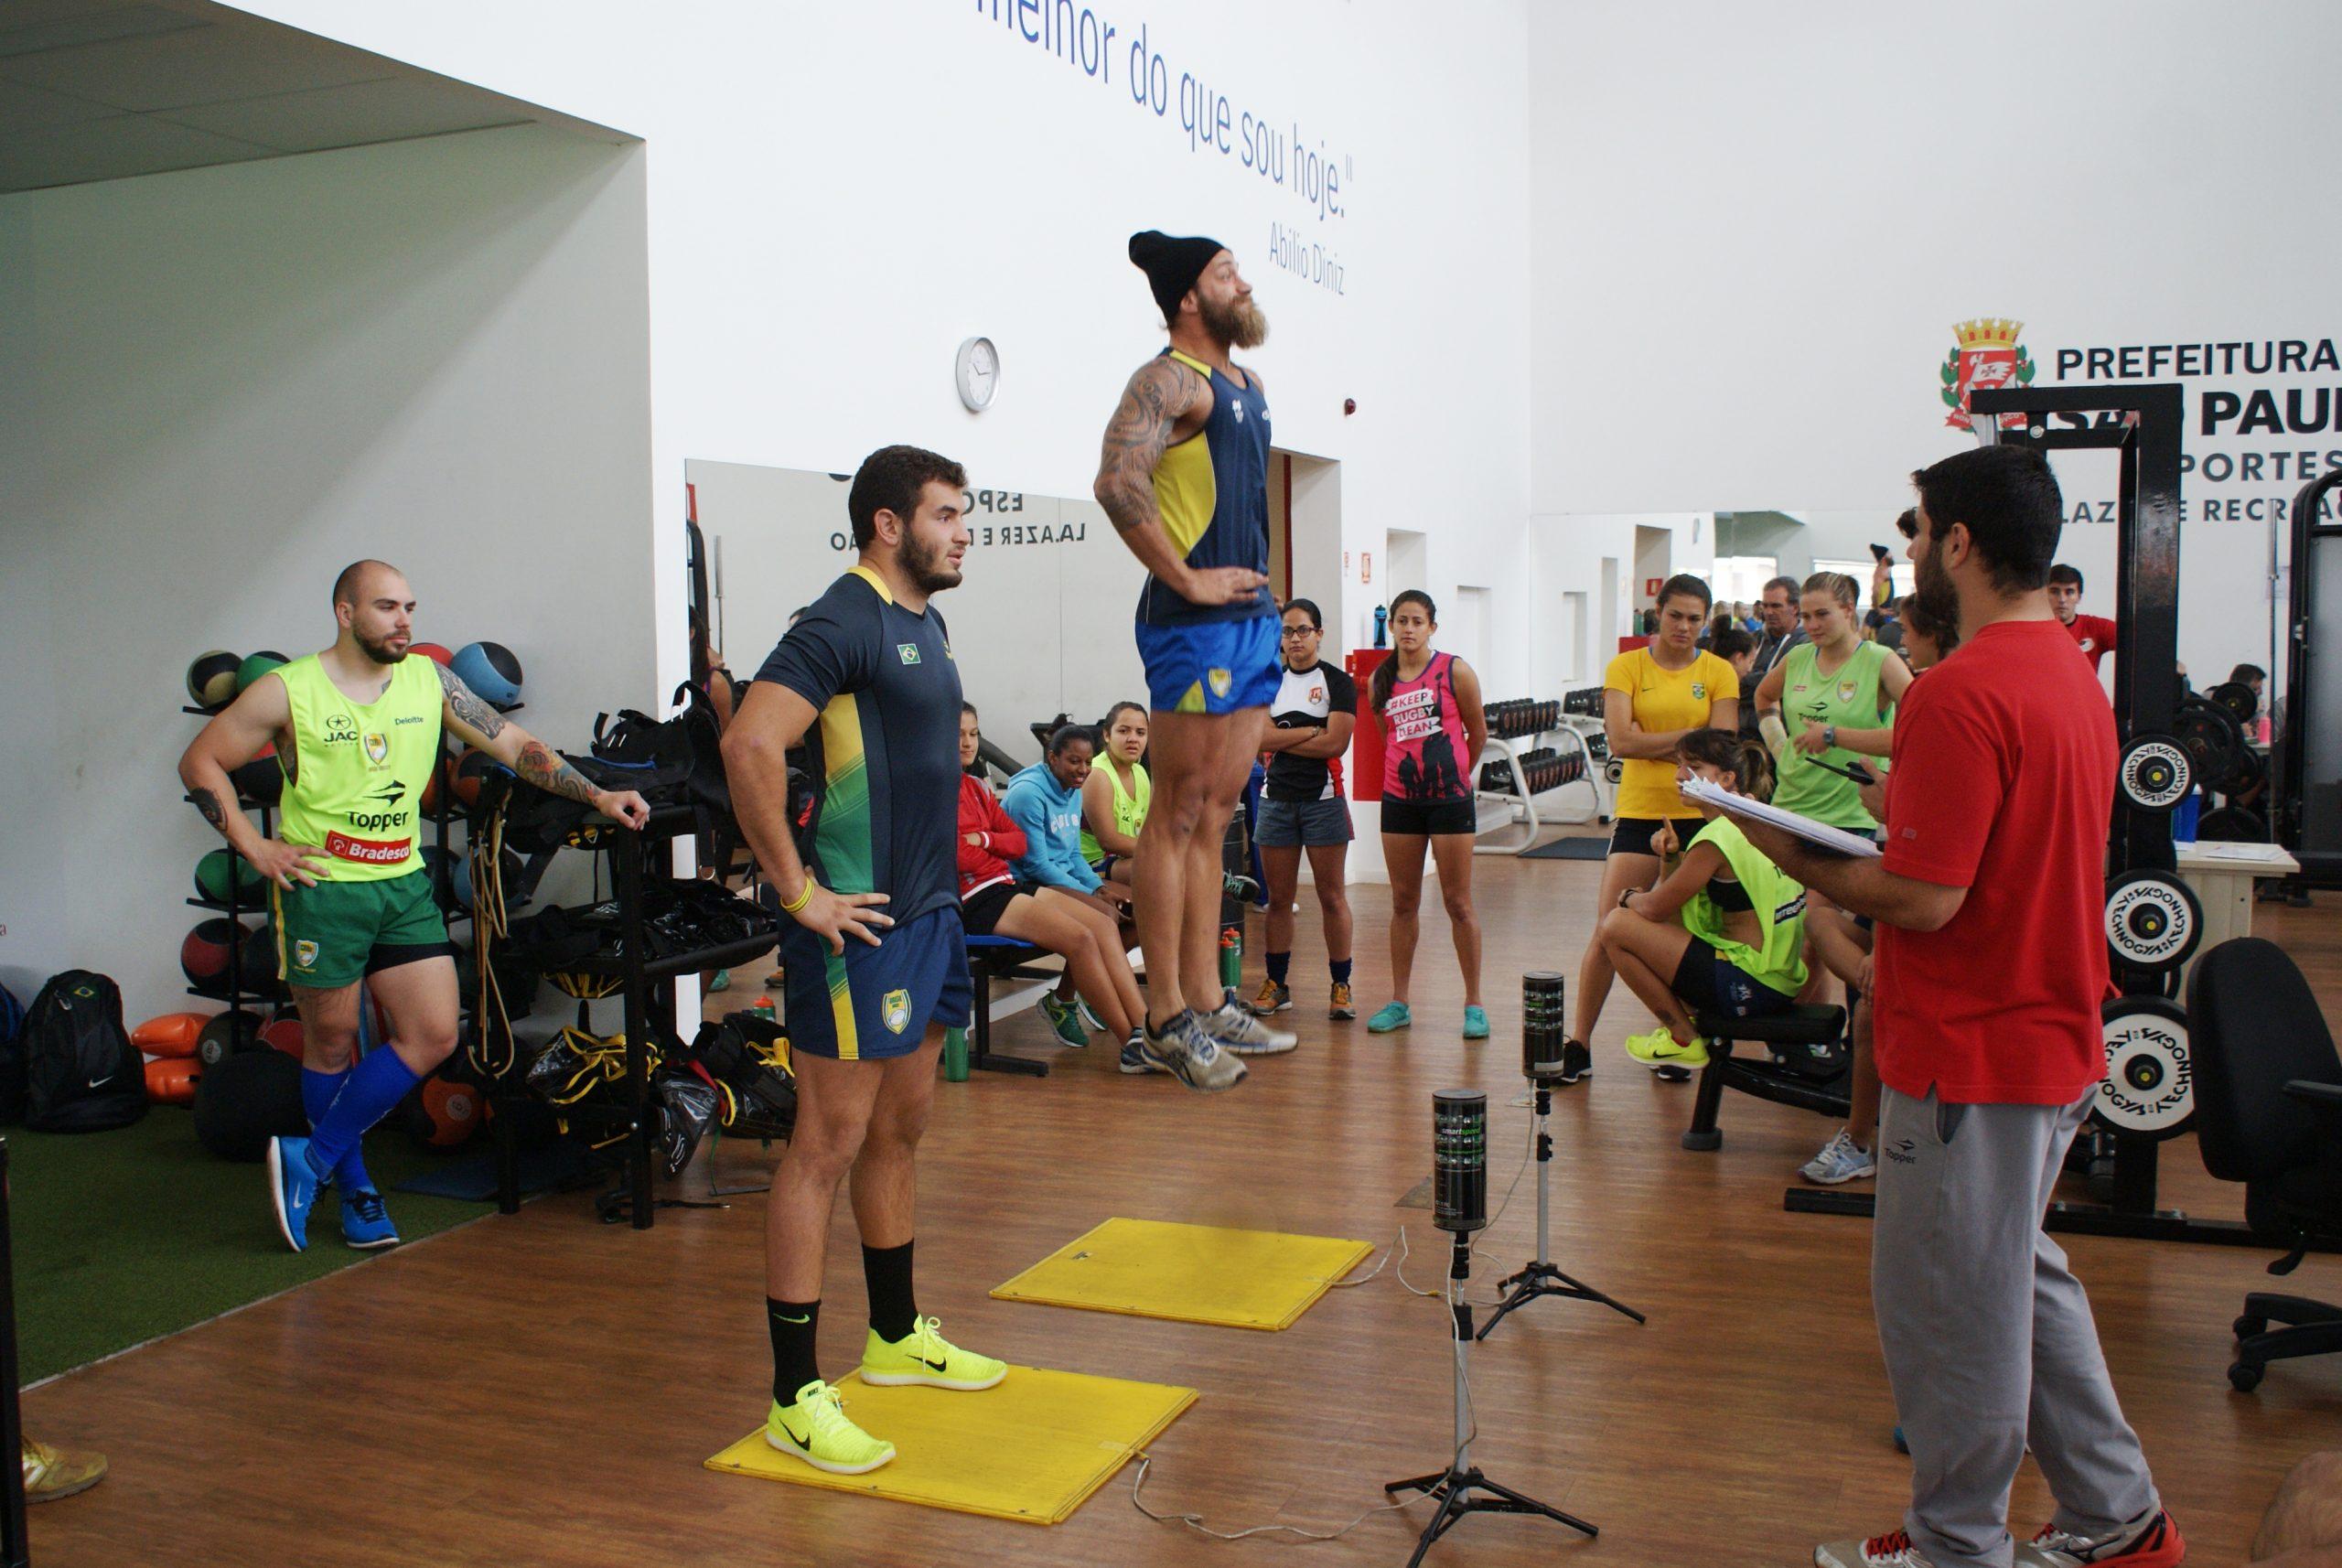 Seleções masculina e feminina de rugby passam por período de testes no NAR